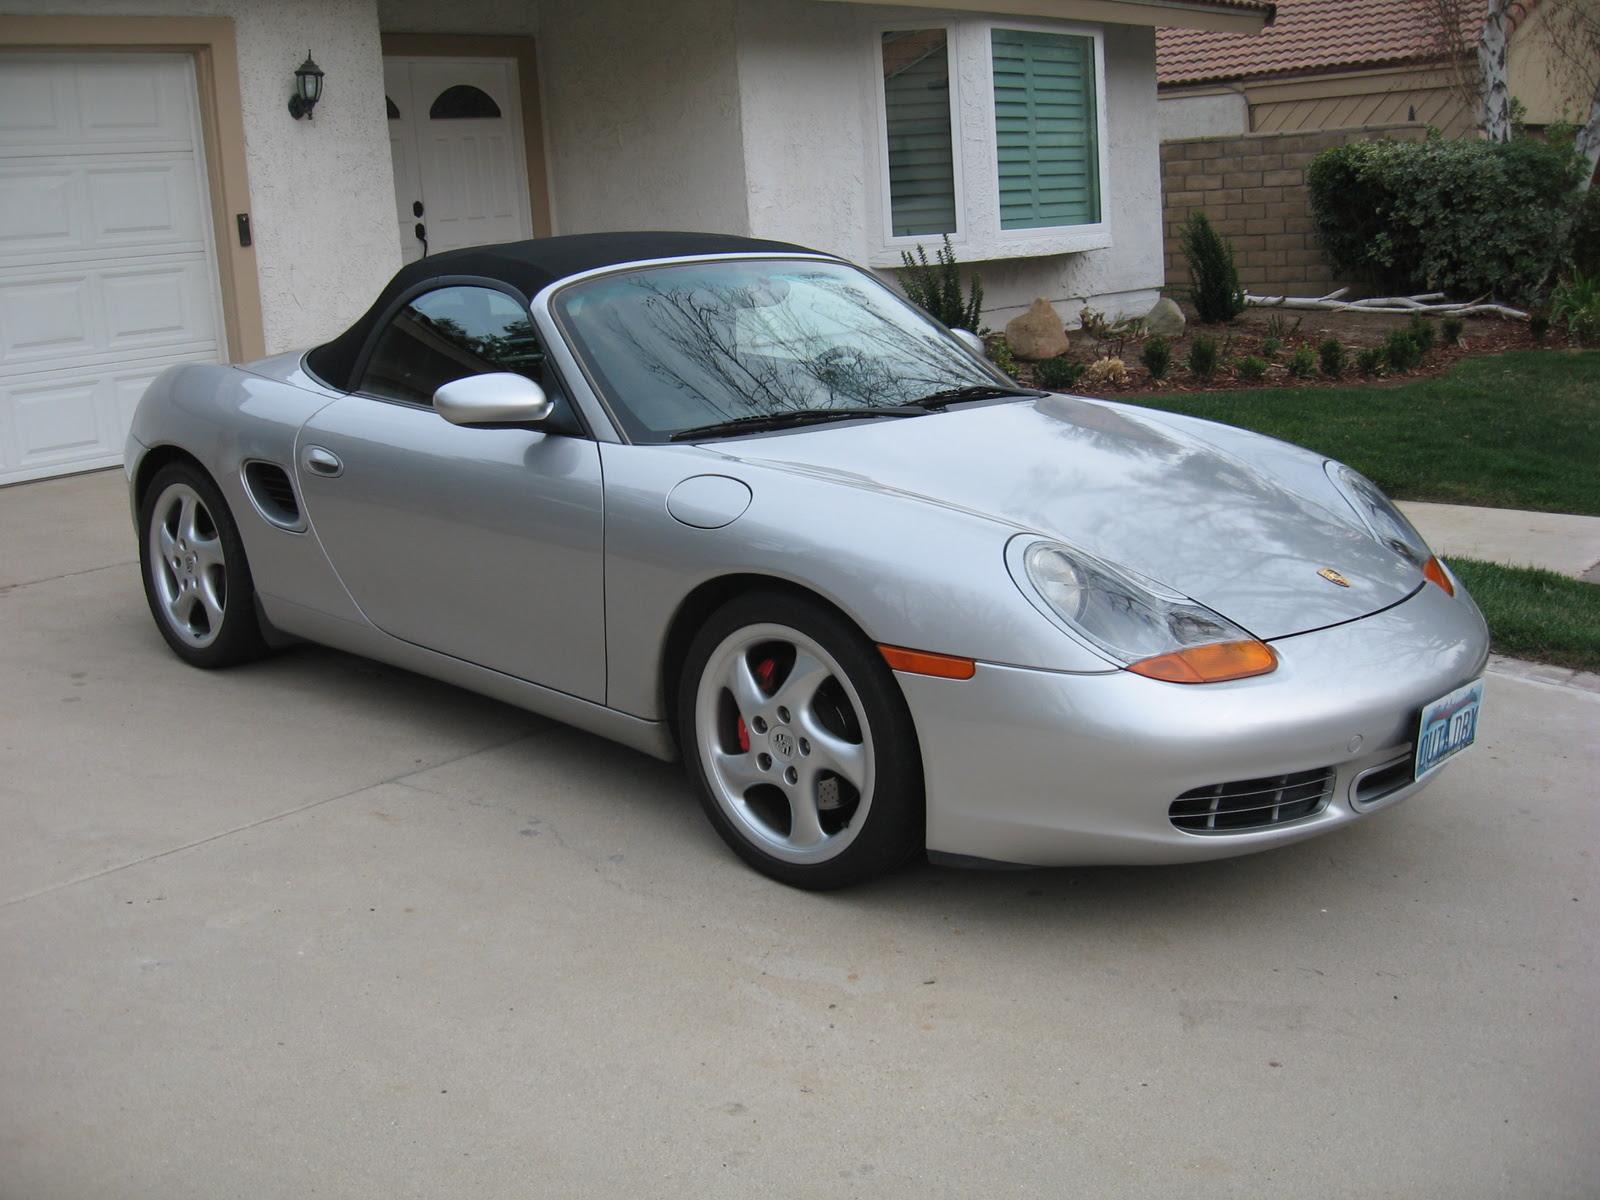 2001 Porsche Boxster S For Sale - CarGurus